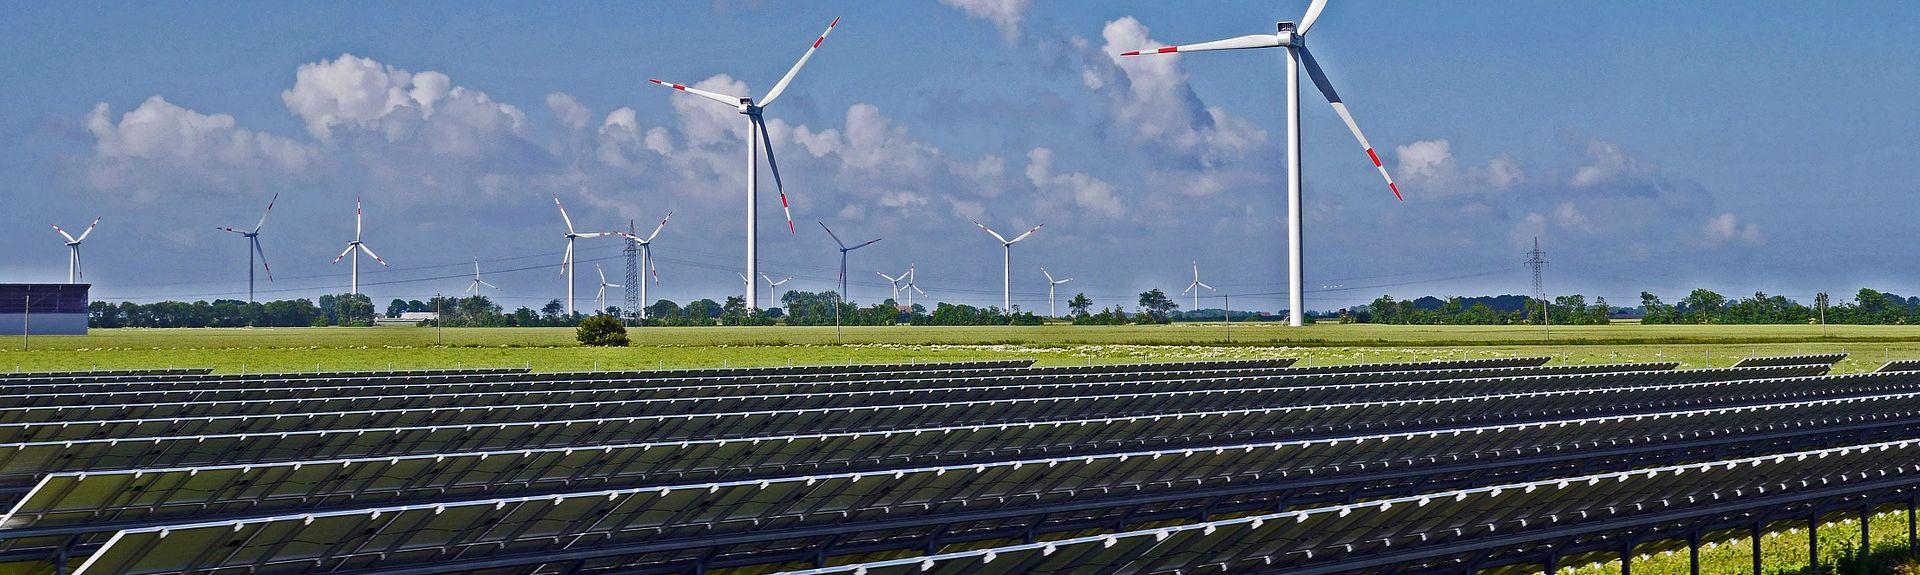 AleaSoft - Energia solar fotovoltaica y eólica